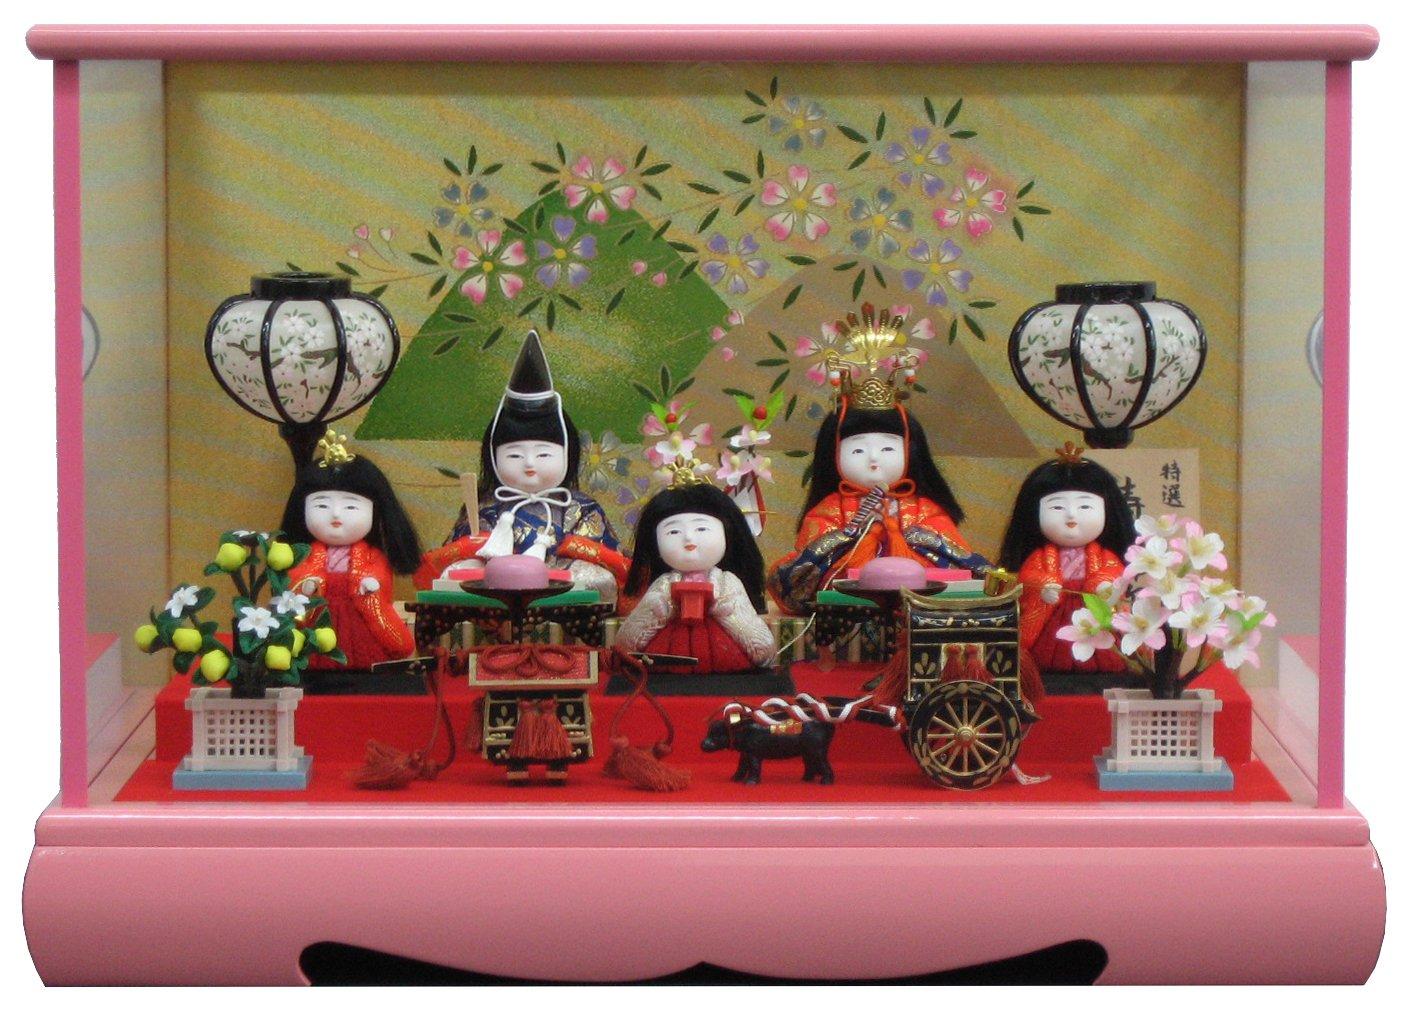 [雛人形 ひな人形 ケース飾り] 間口47cm木目込み人形 遠山桜5人ケース   B01N7Z5N7N